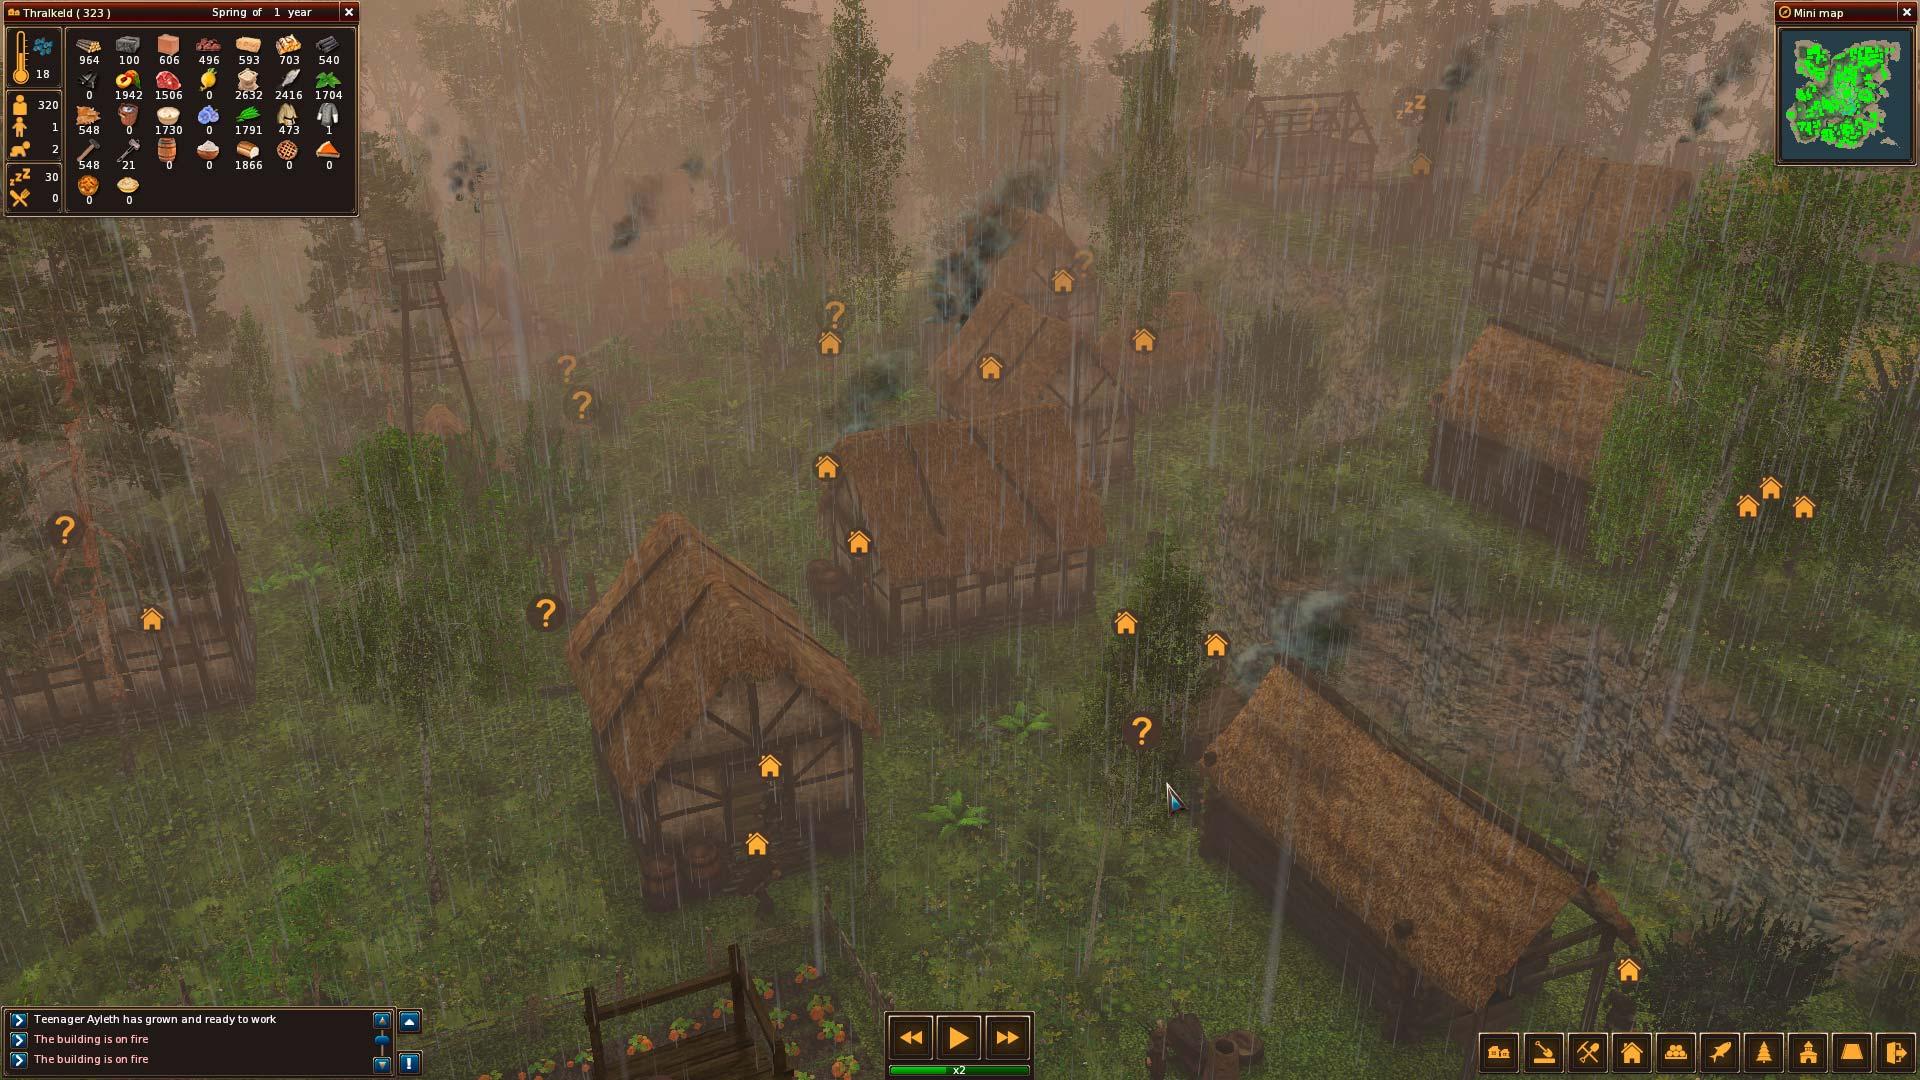 Středověké Life is Feudal: Forest Village opouští předběžný přístup 143891